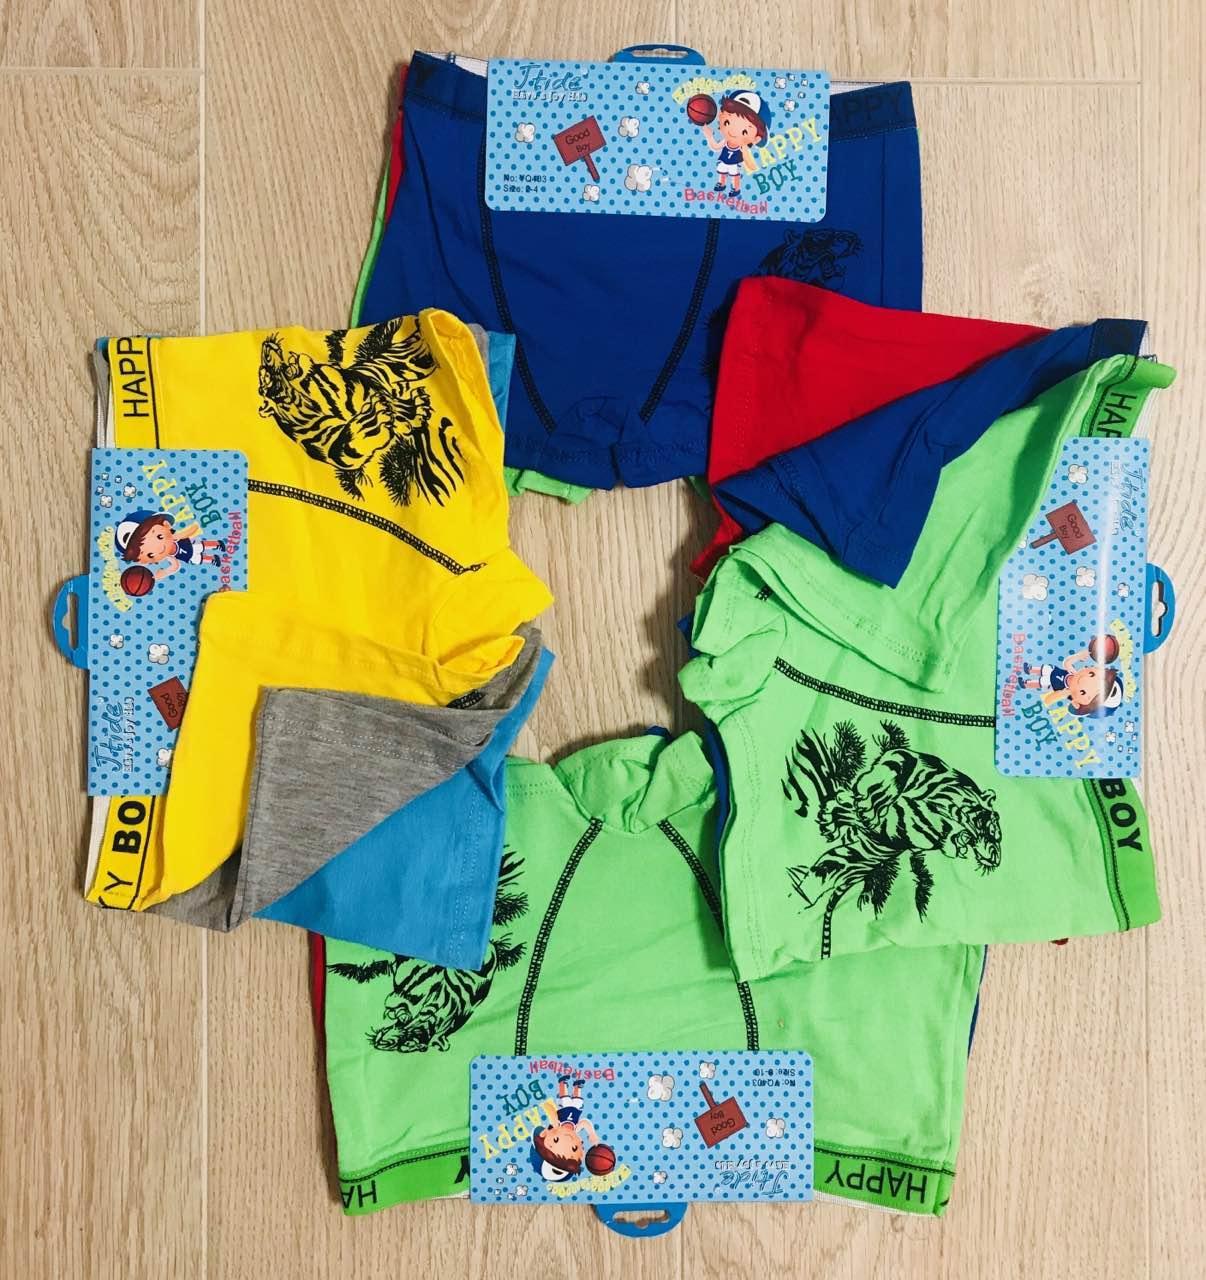 Детские трусики-боксёры шортиками на мальчика хлопок Happy Boy размер 2-10 лет РОСТОВКА